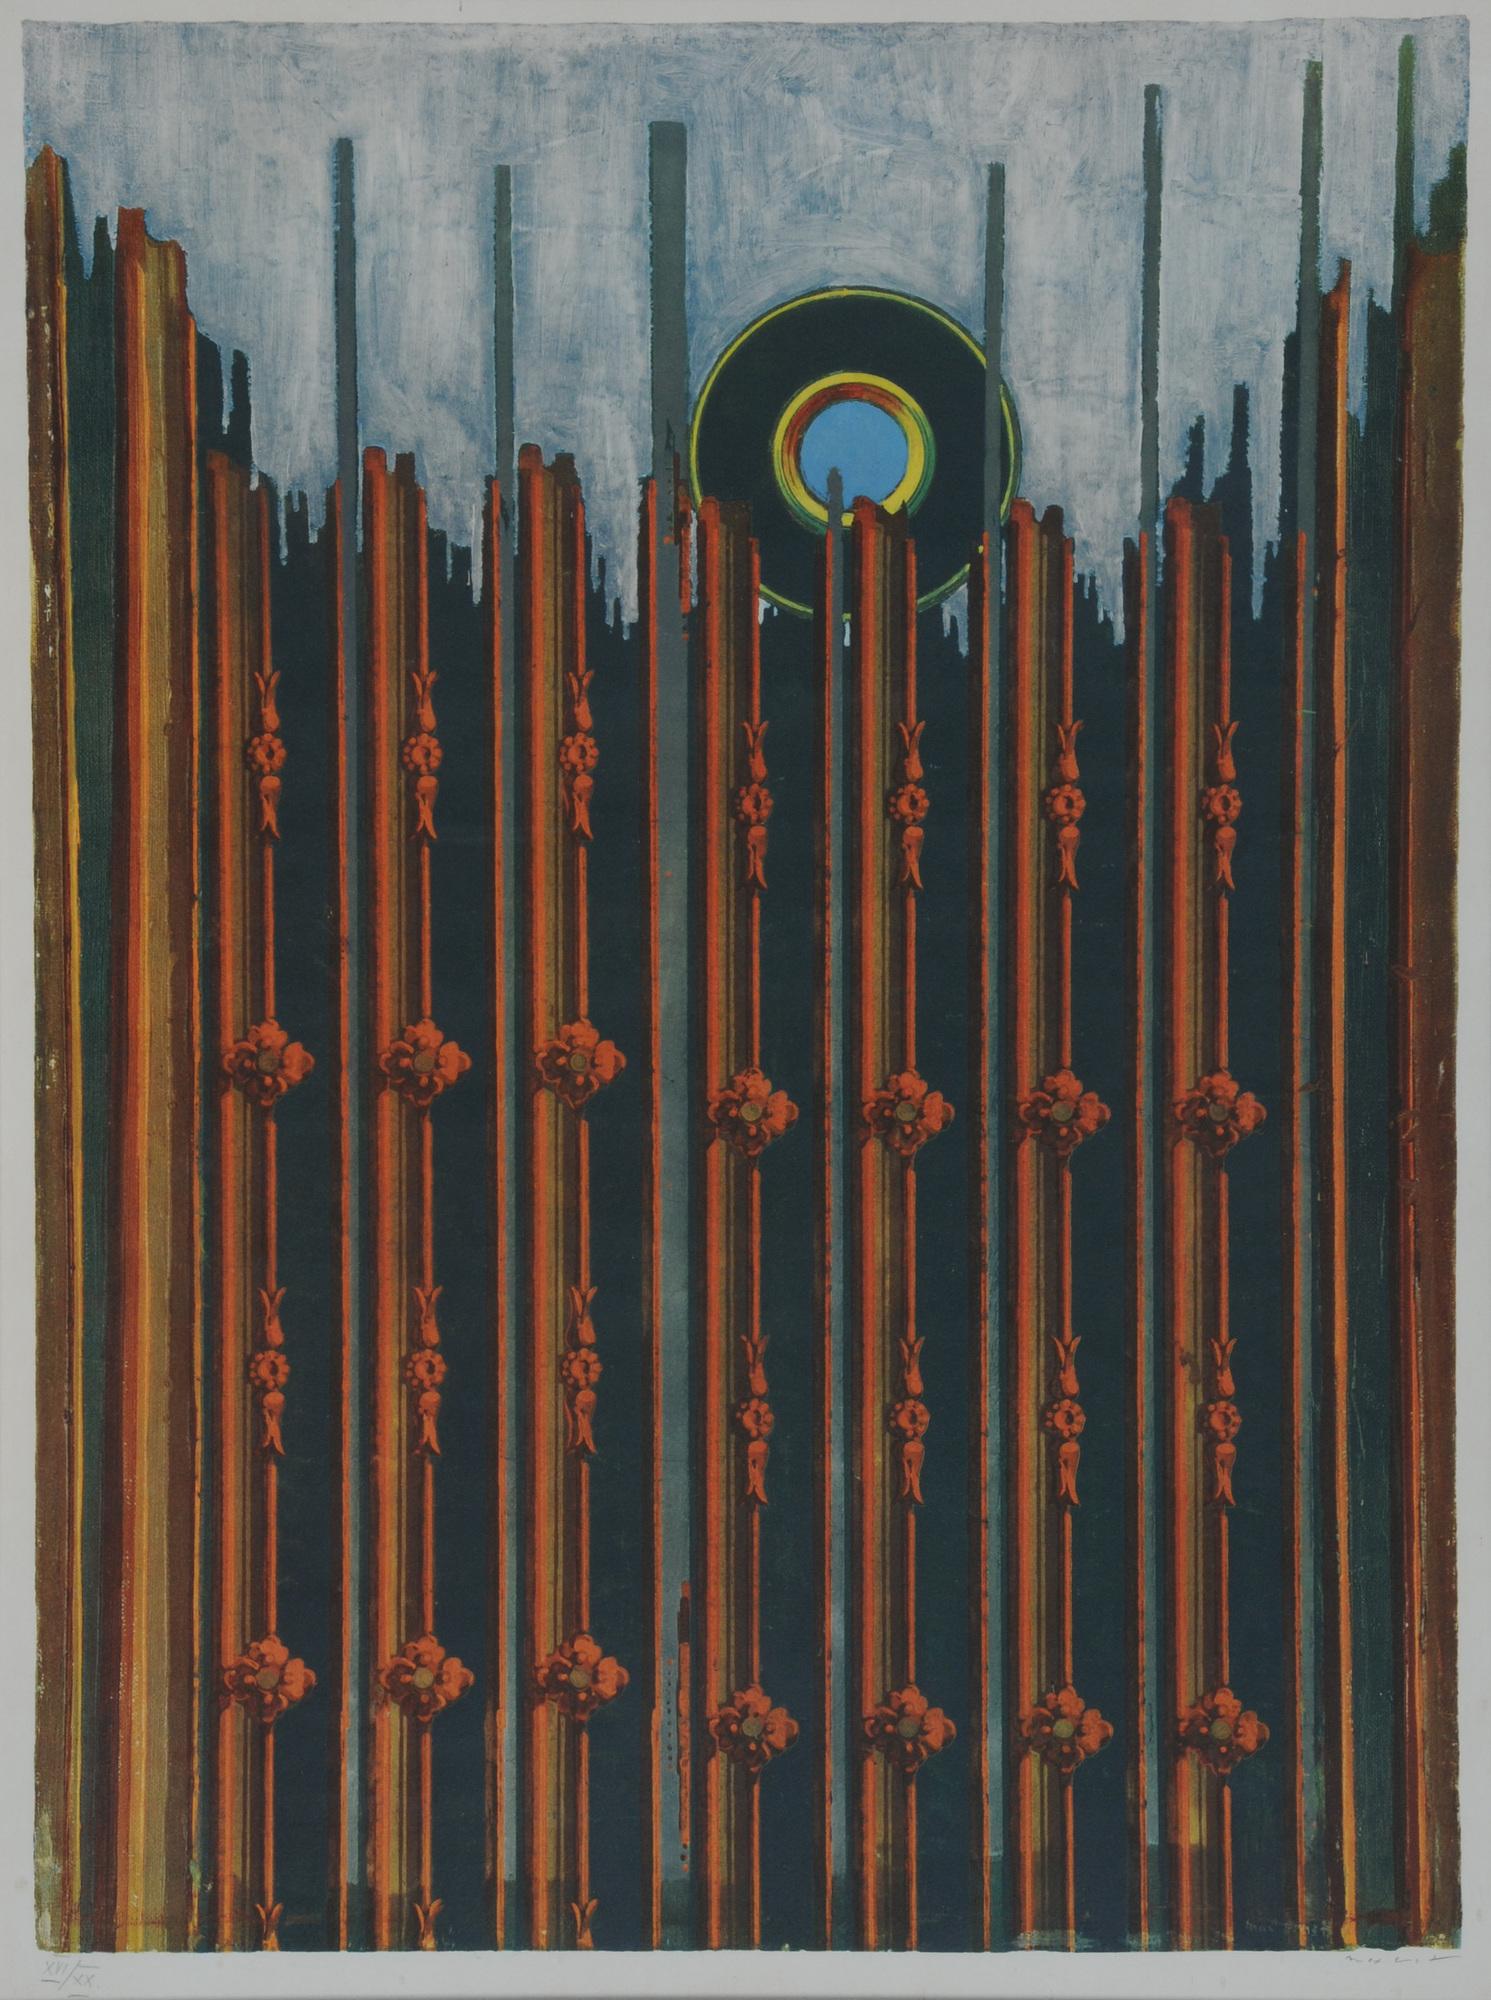 Ernst Max, after. Mur et soleil